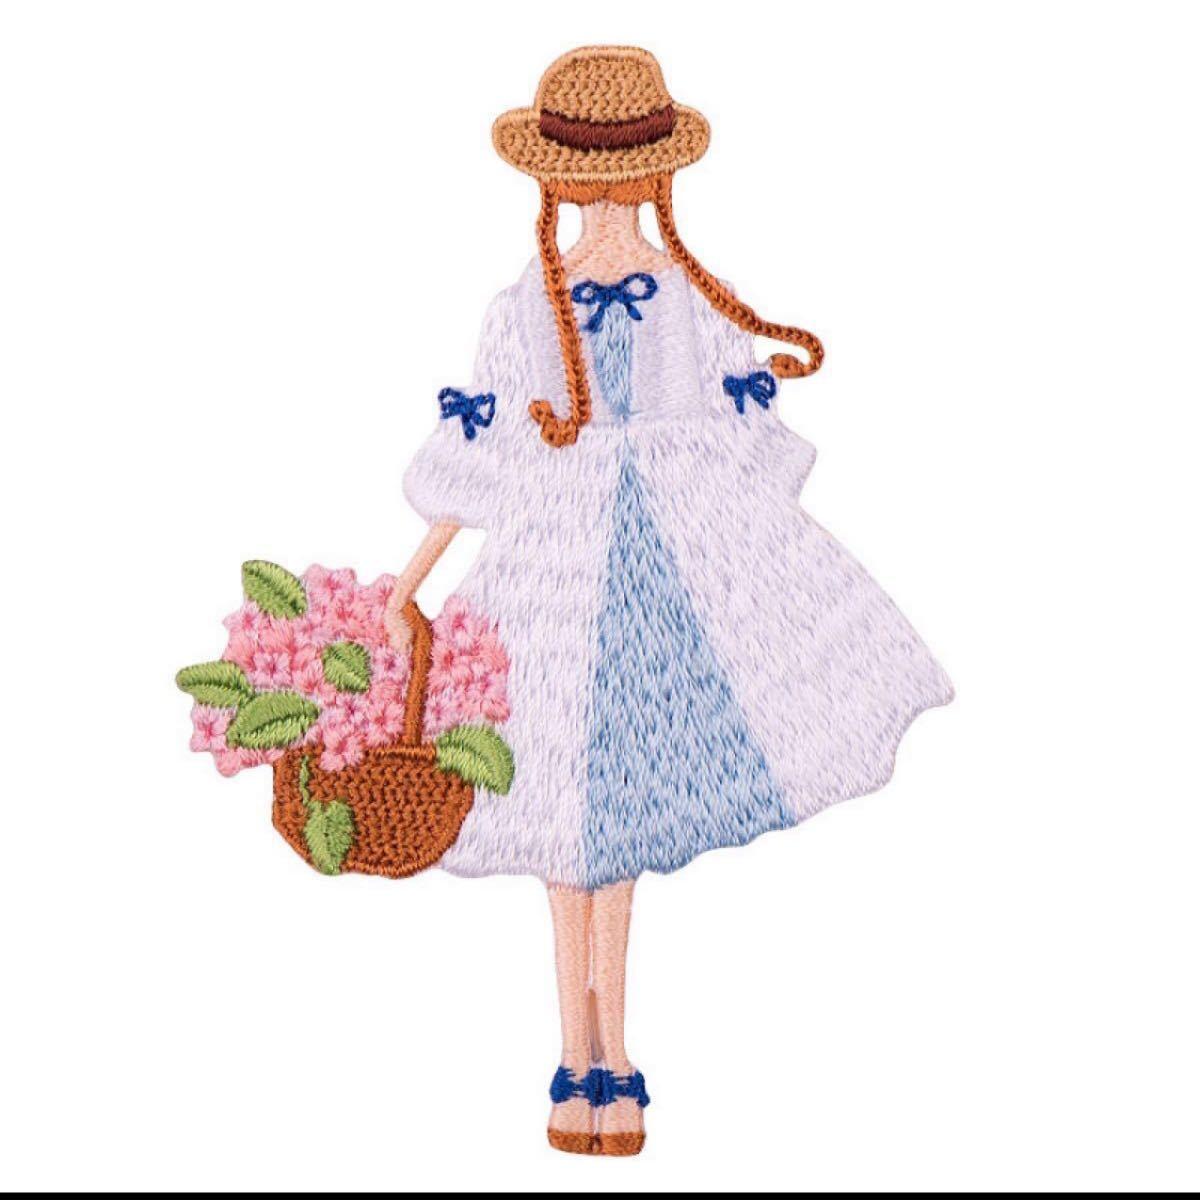 アイロンワッペン 女の子 刺繍ワッペン